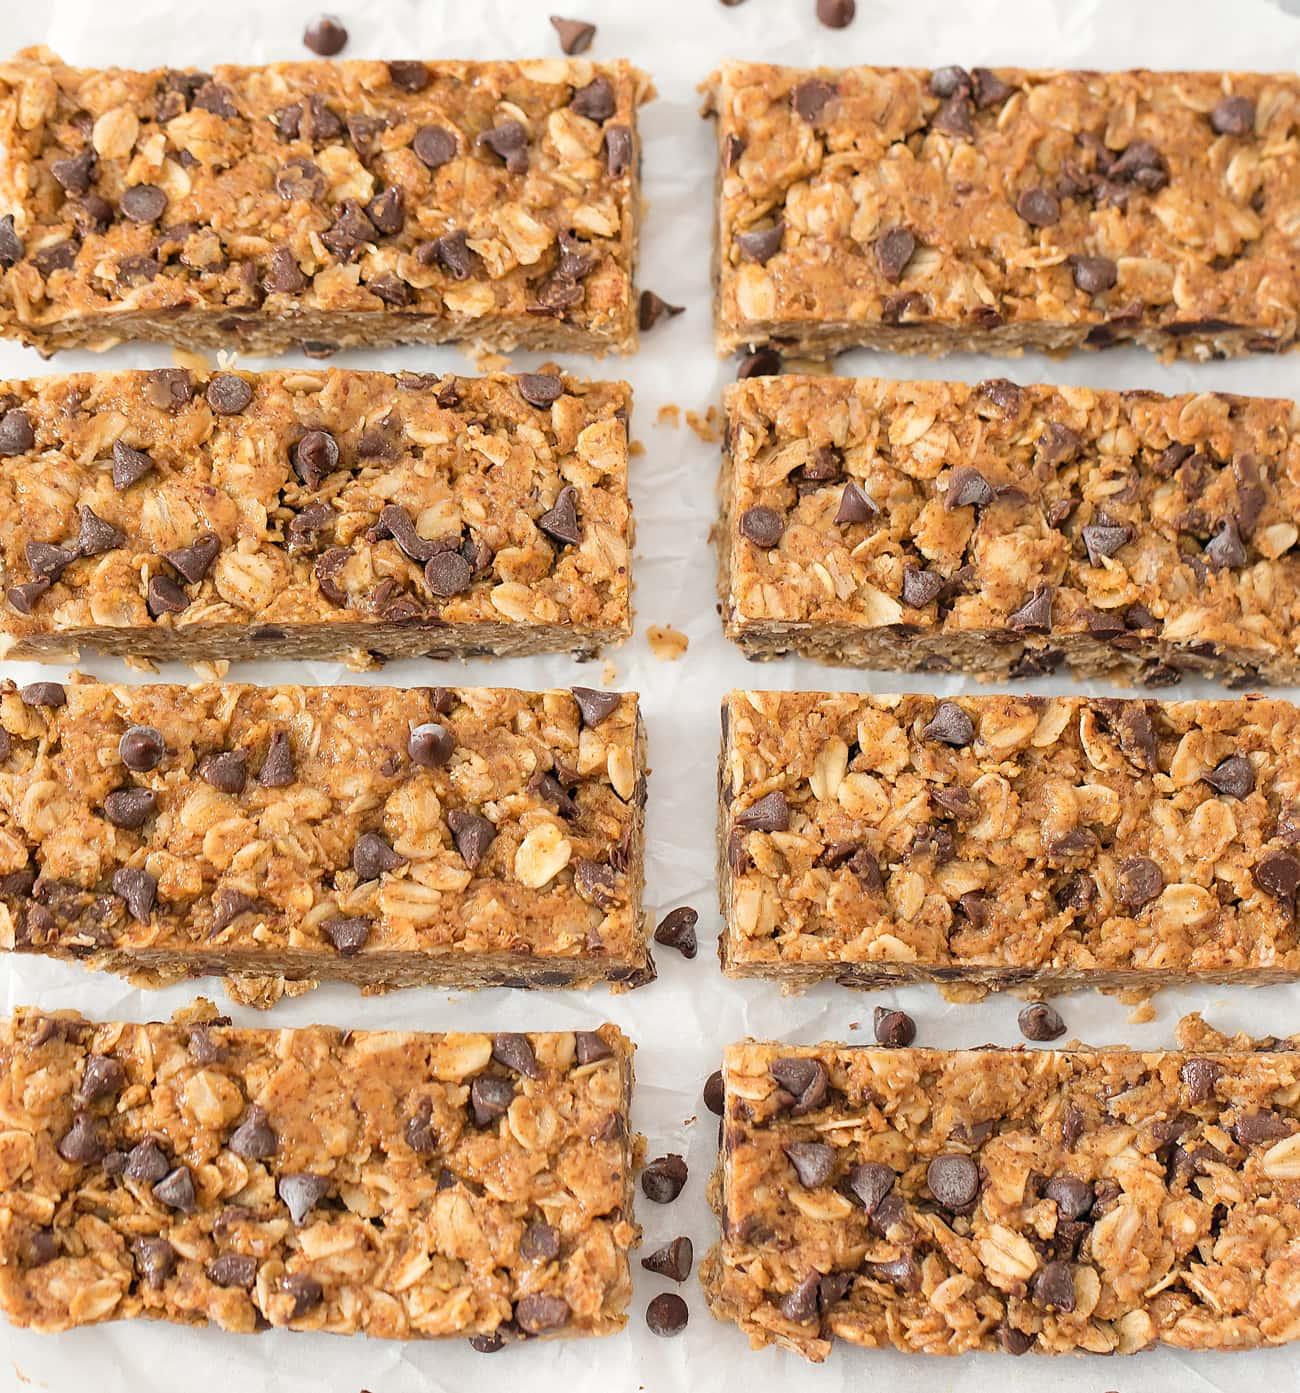 4 Ingredient No Bake Healthy Granola Bars Kirbie S Cravings